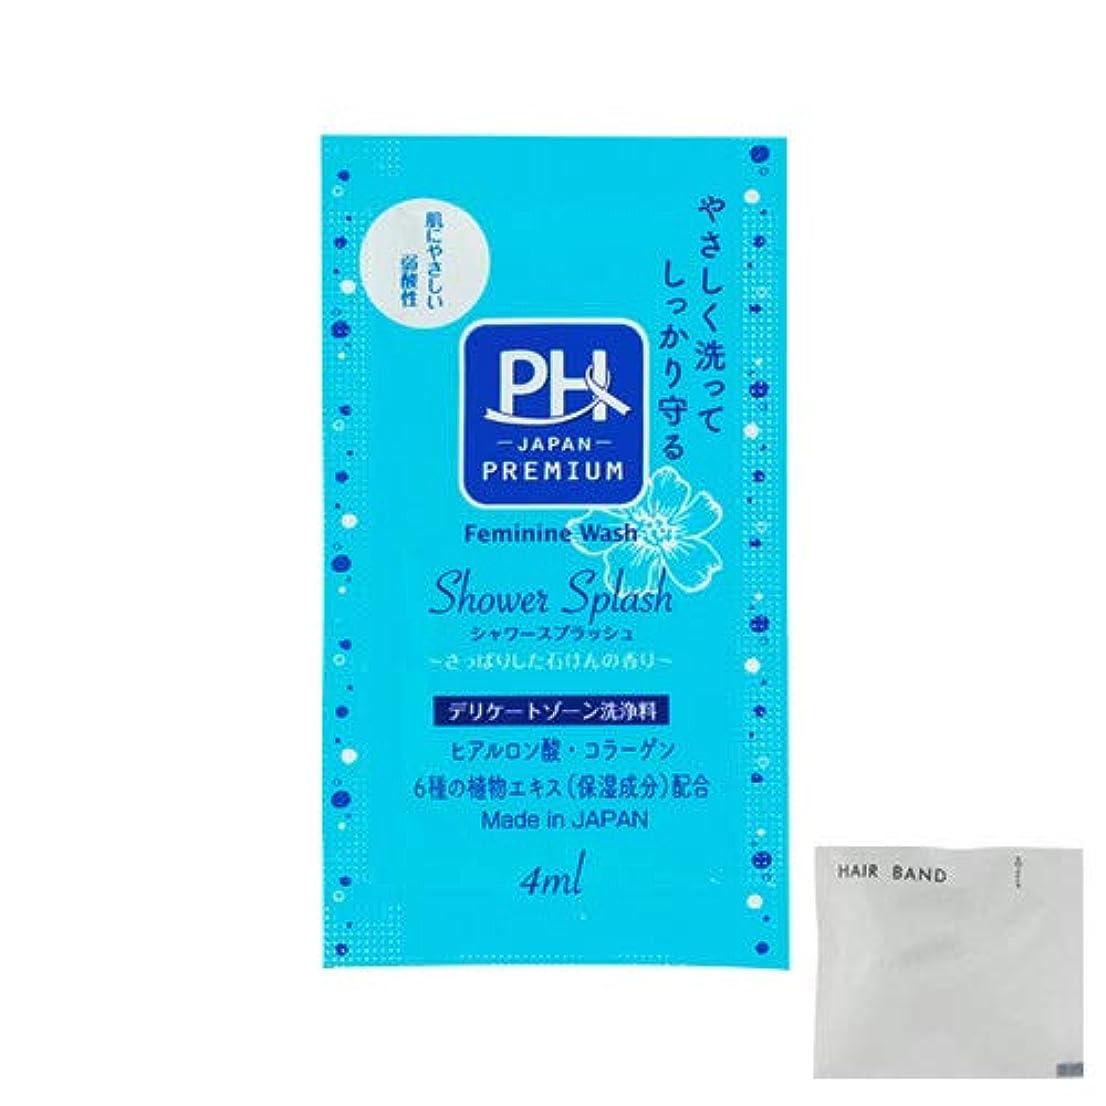 啓示万一に備えていつかPH JAPAN プレミアム フェミニンウォッシュ シャワースプラッシュ 4mL(お試し用)×10個 + ヘアゴム(カラーはおまかせ)セット